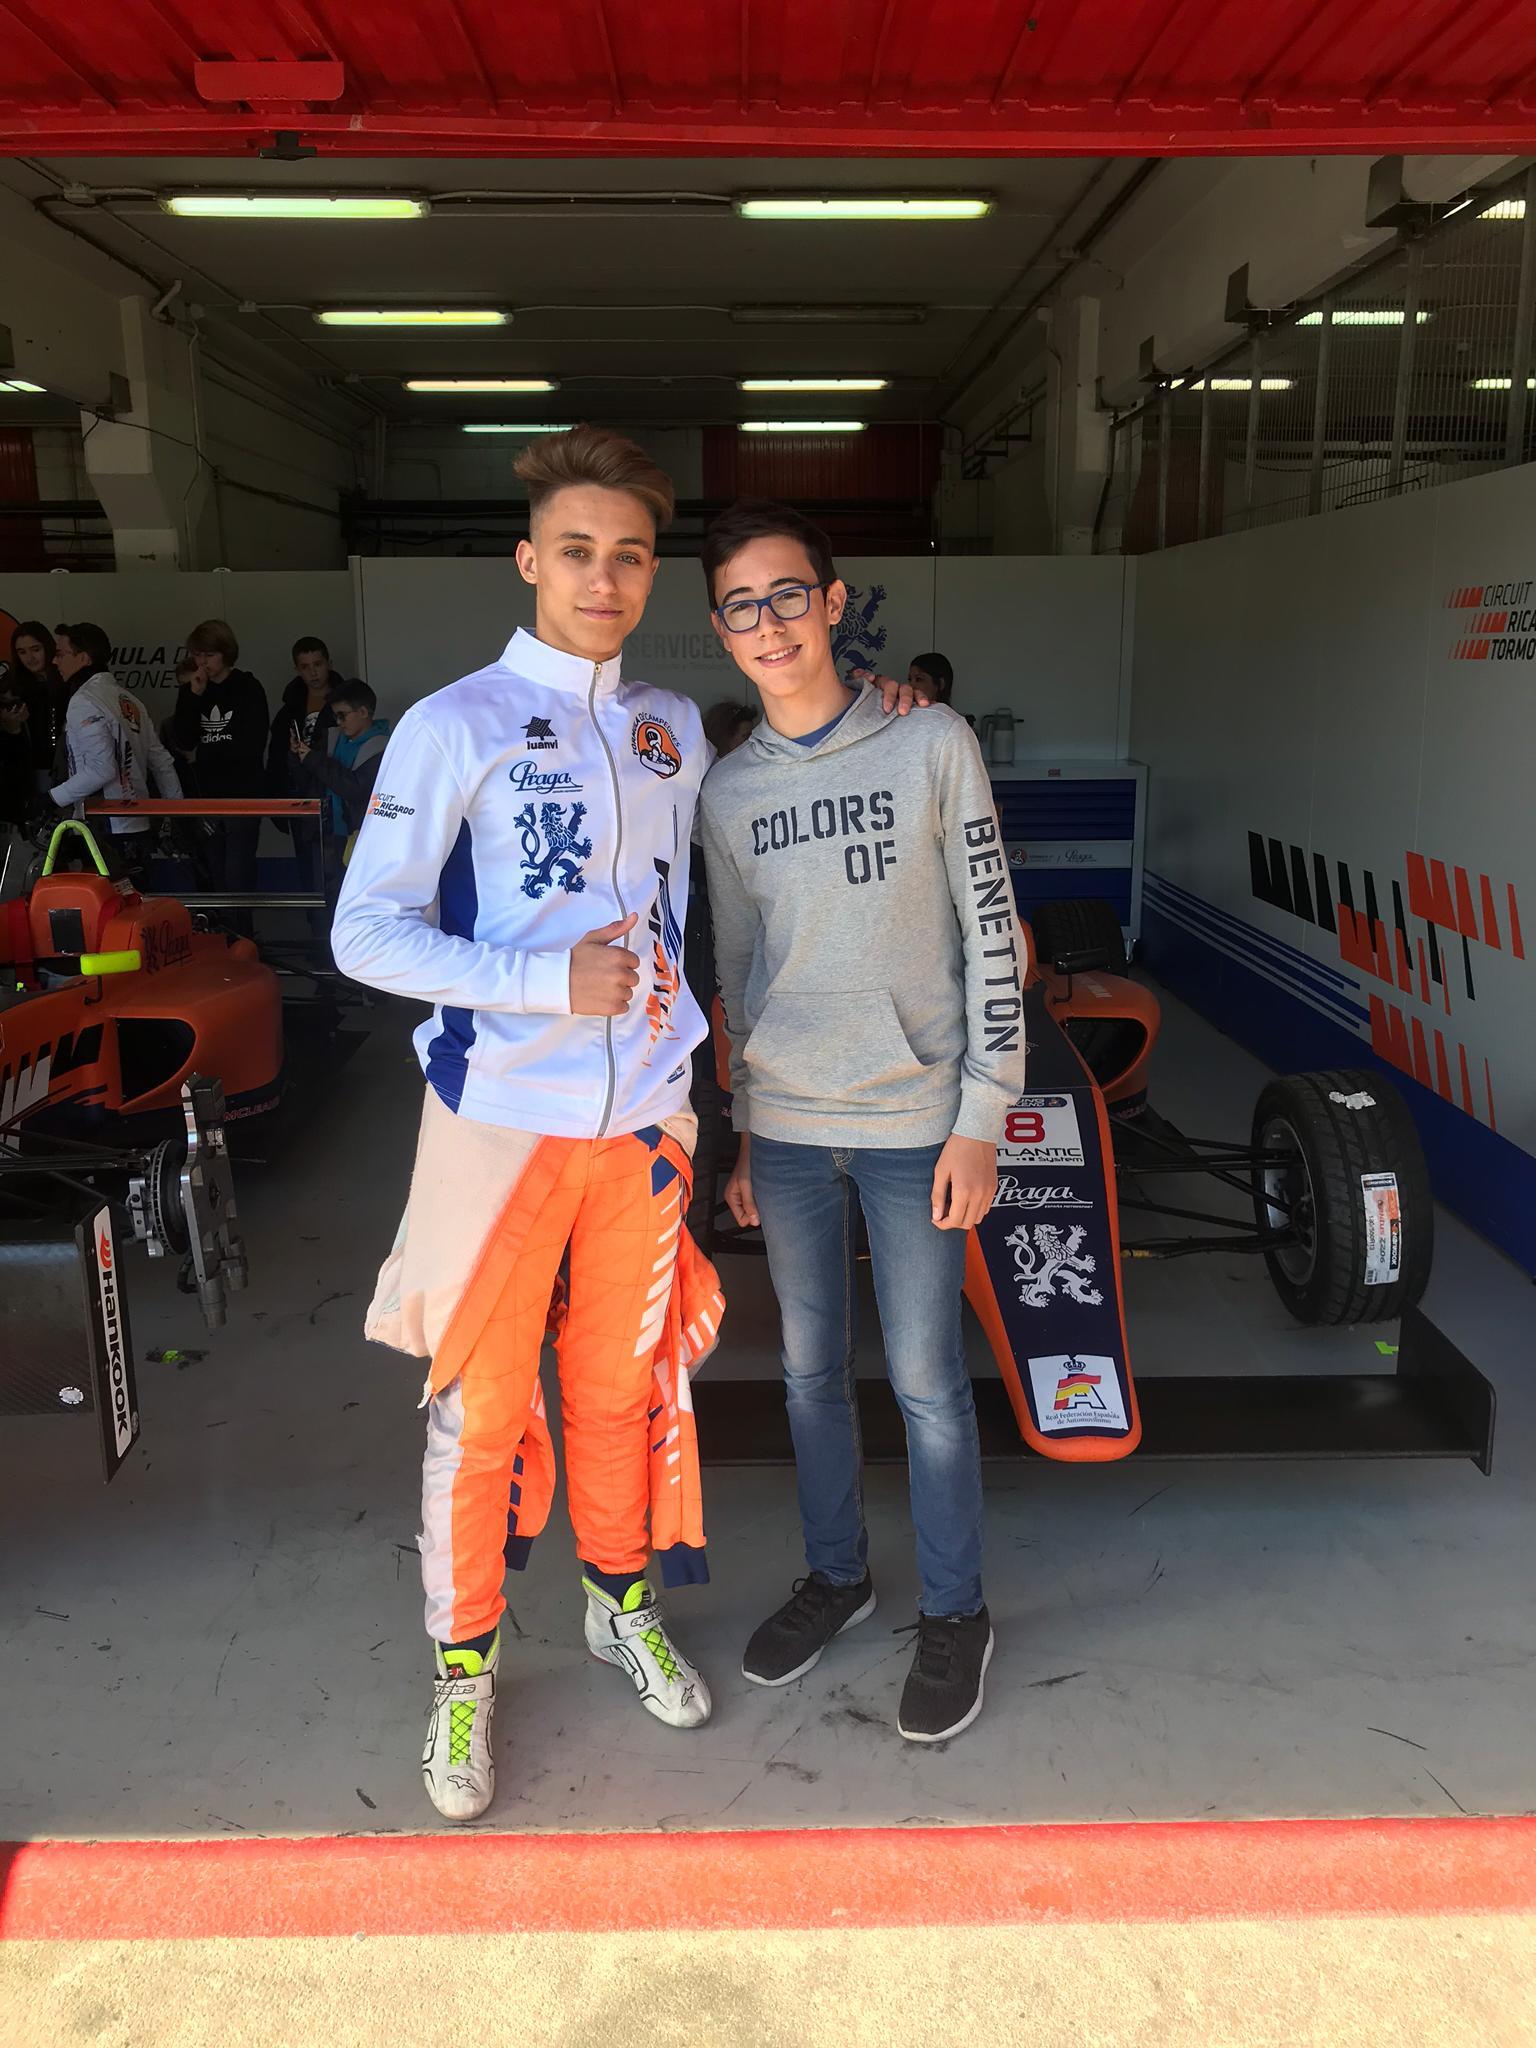 Visita de l'Associació de Diabetis de Catalunya al Circuit de Catalunya, amb Kilian Meyer.